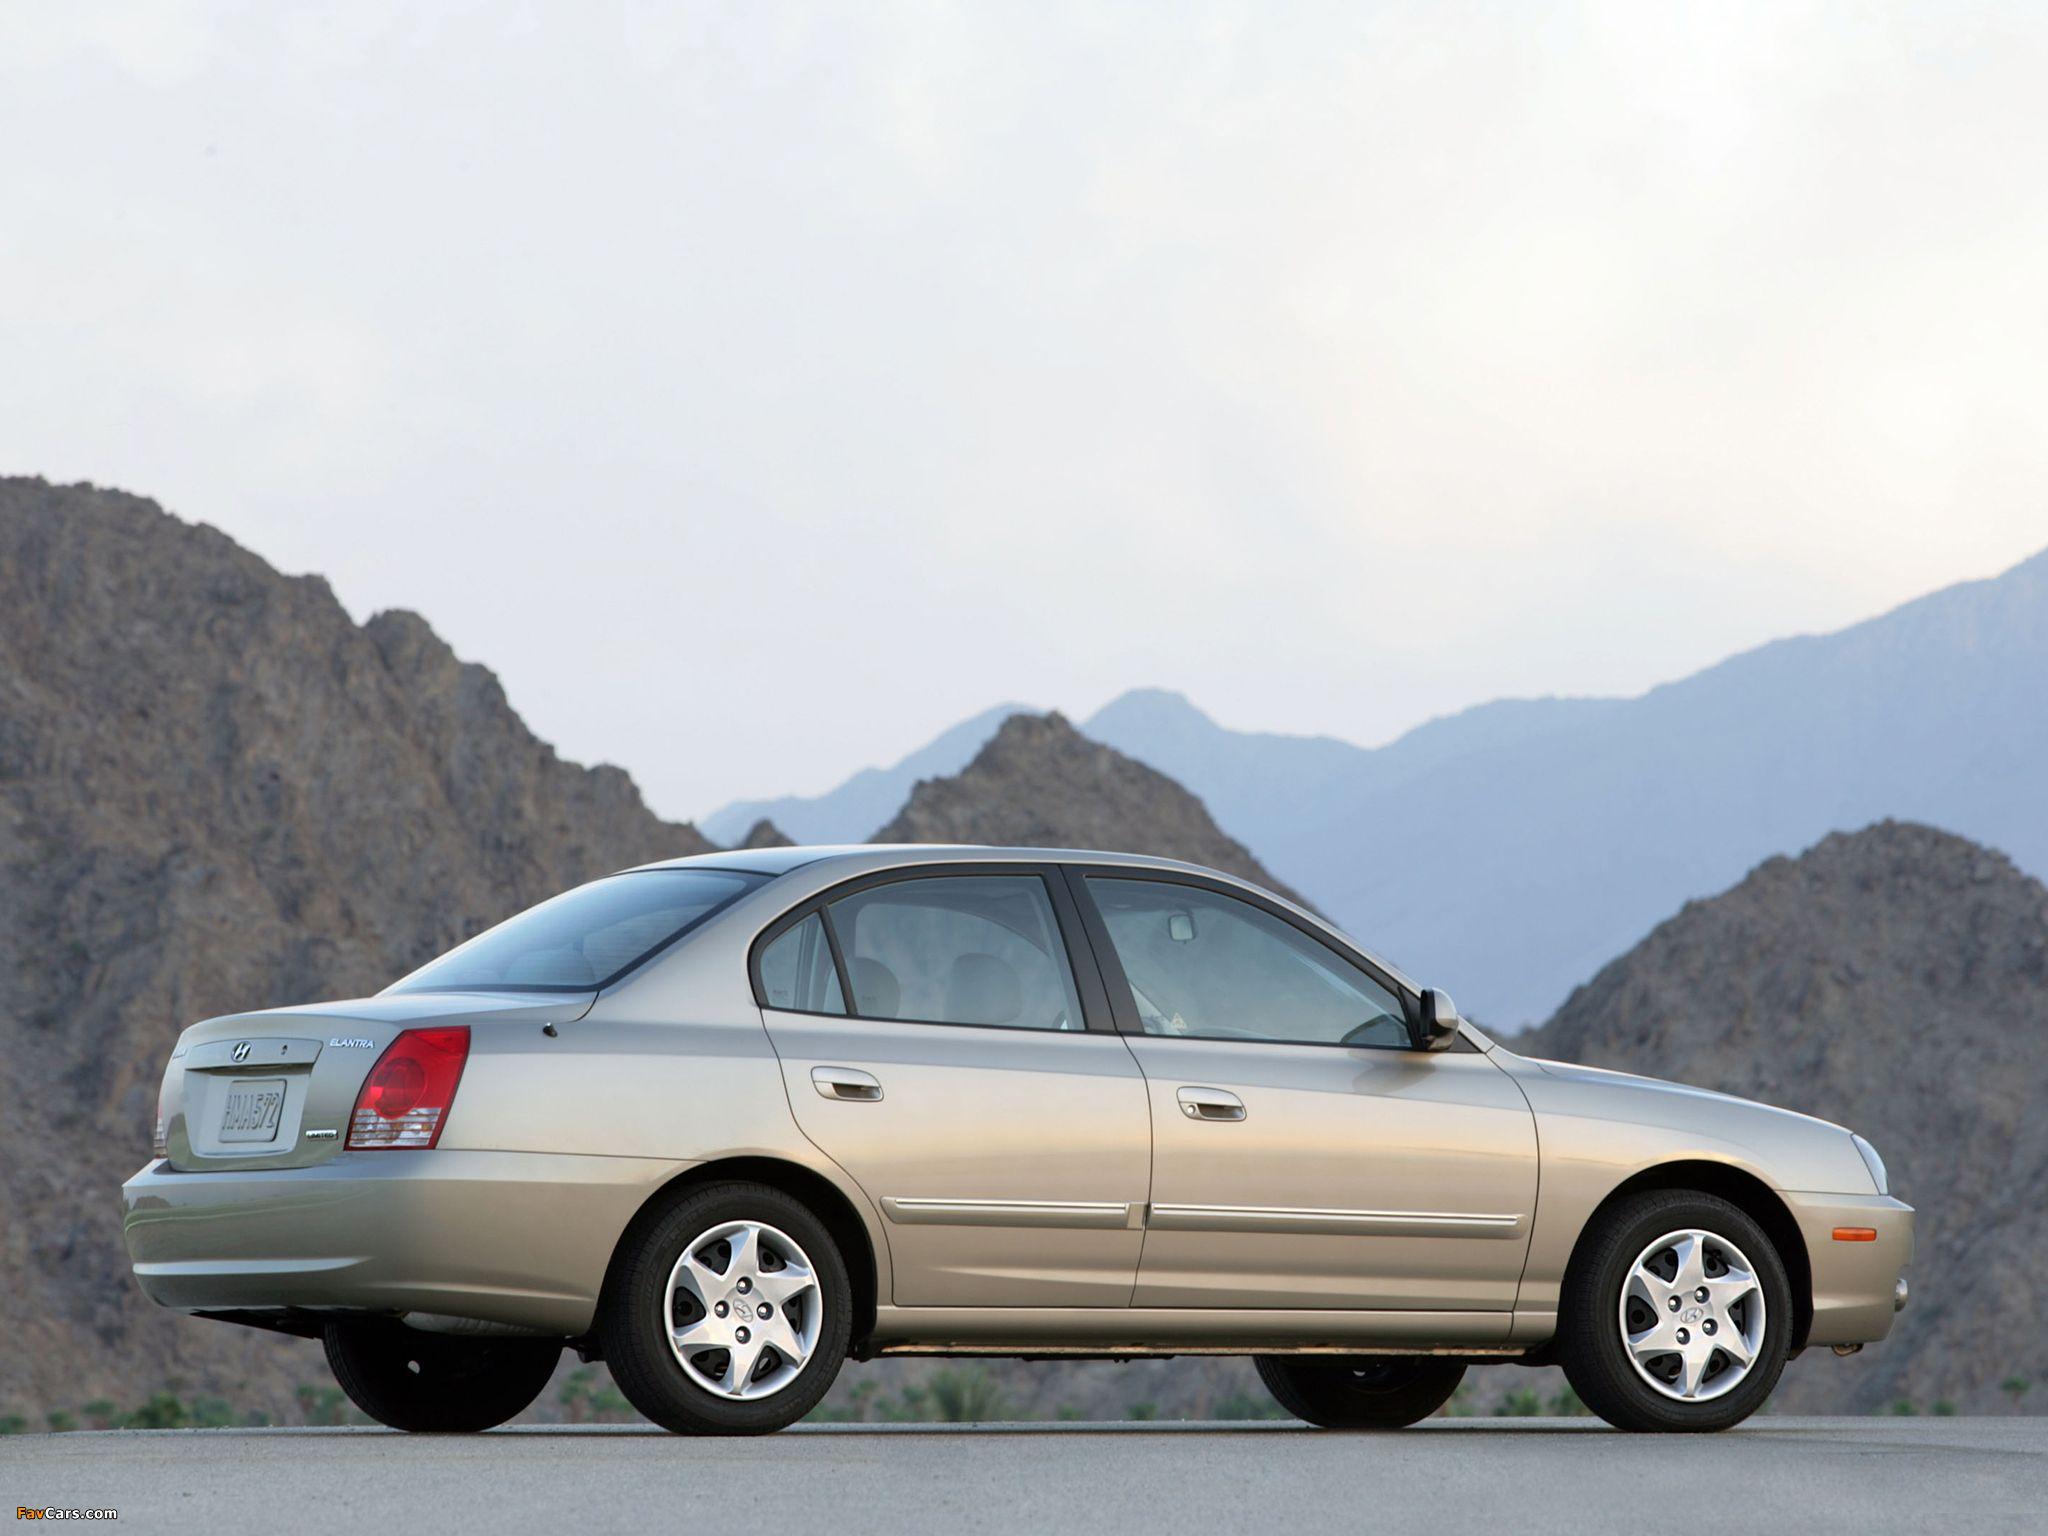 Pictures Of Hyundai Elantra Sedan Us Spec Xd 2003 06 Hyundai Elantra Elantra Hyundai